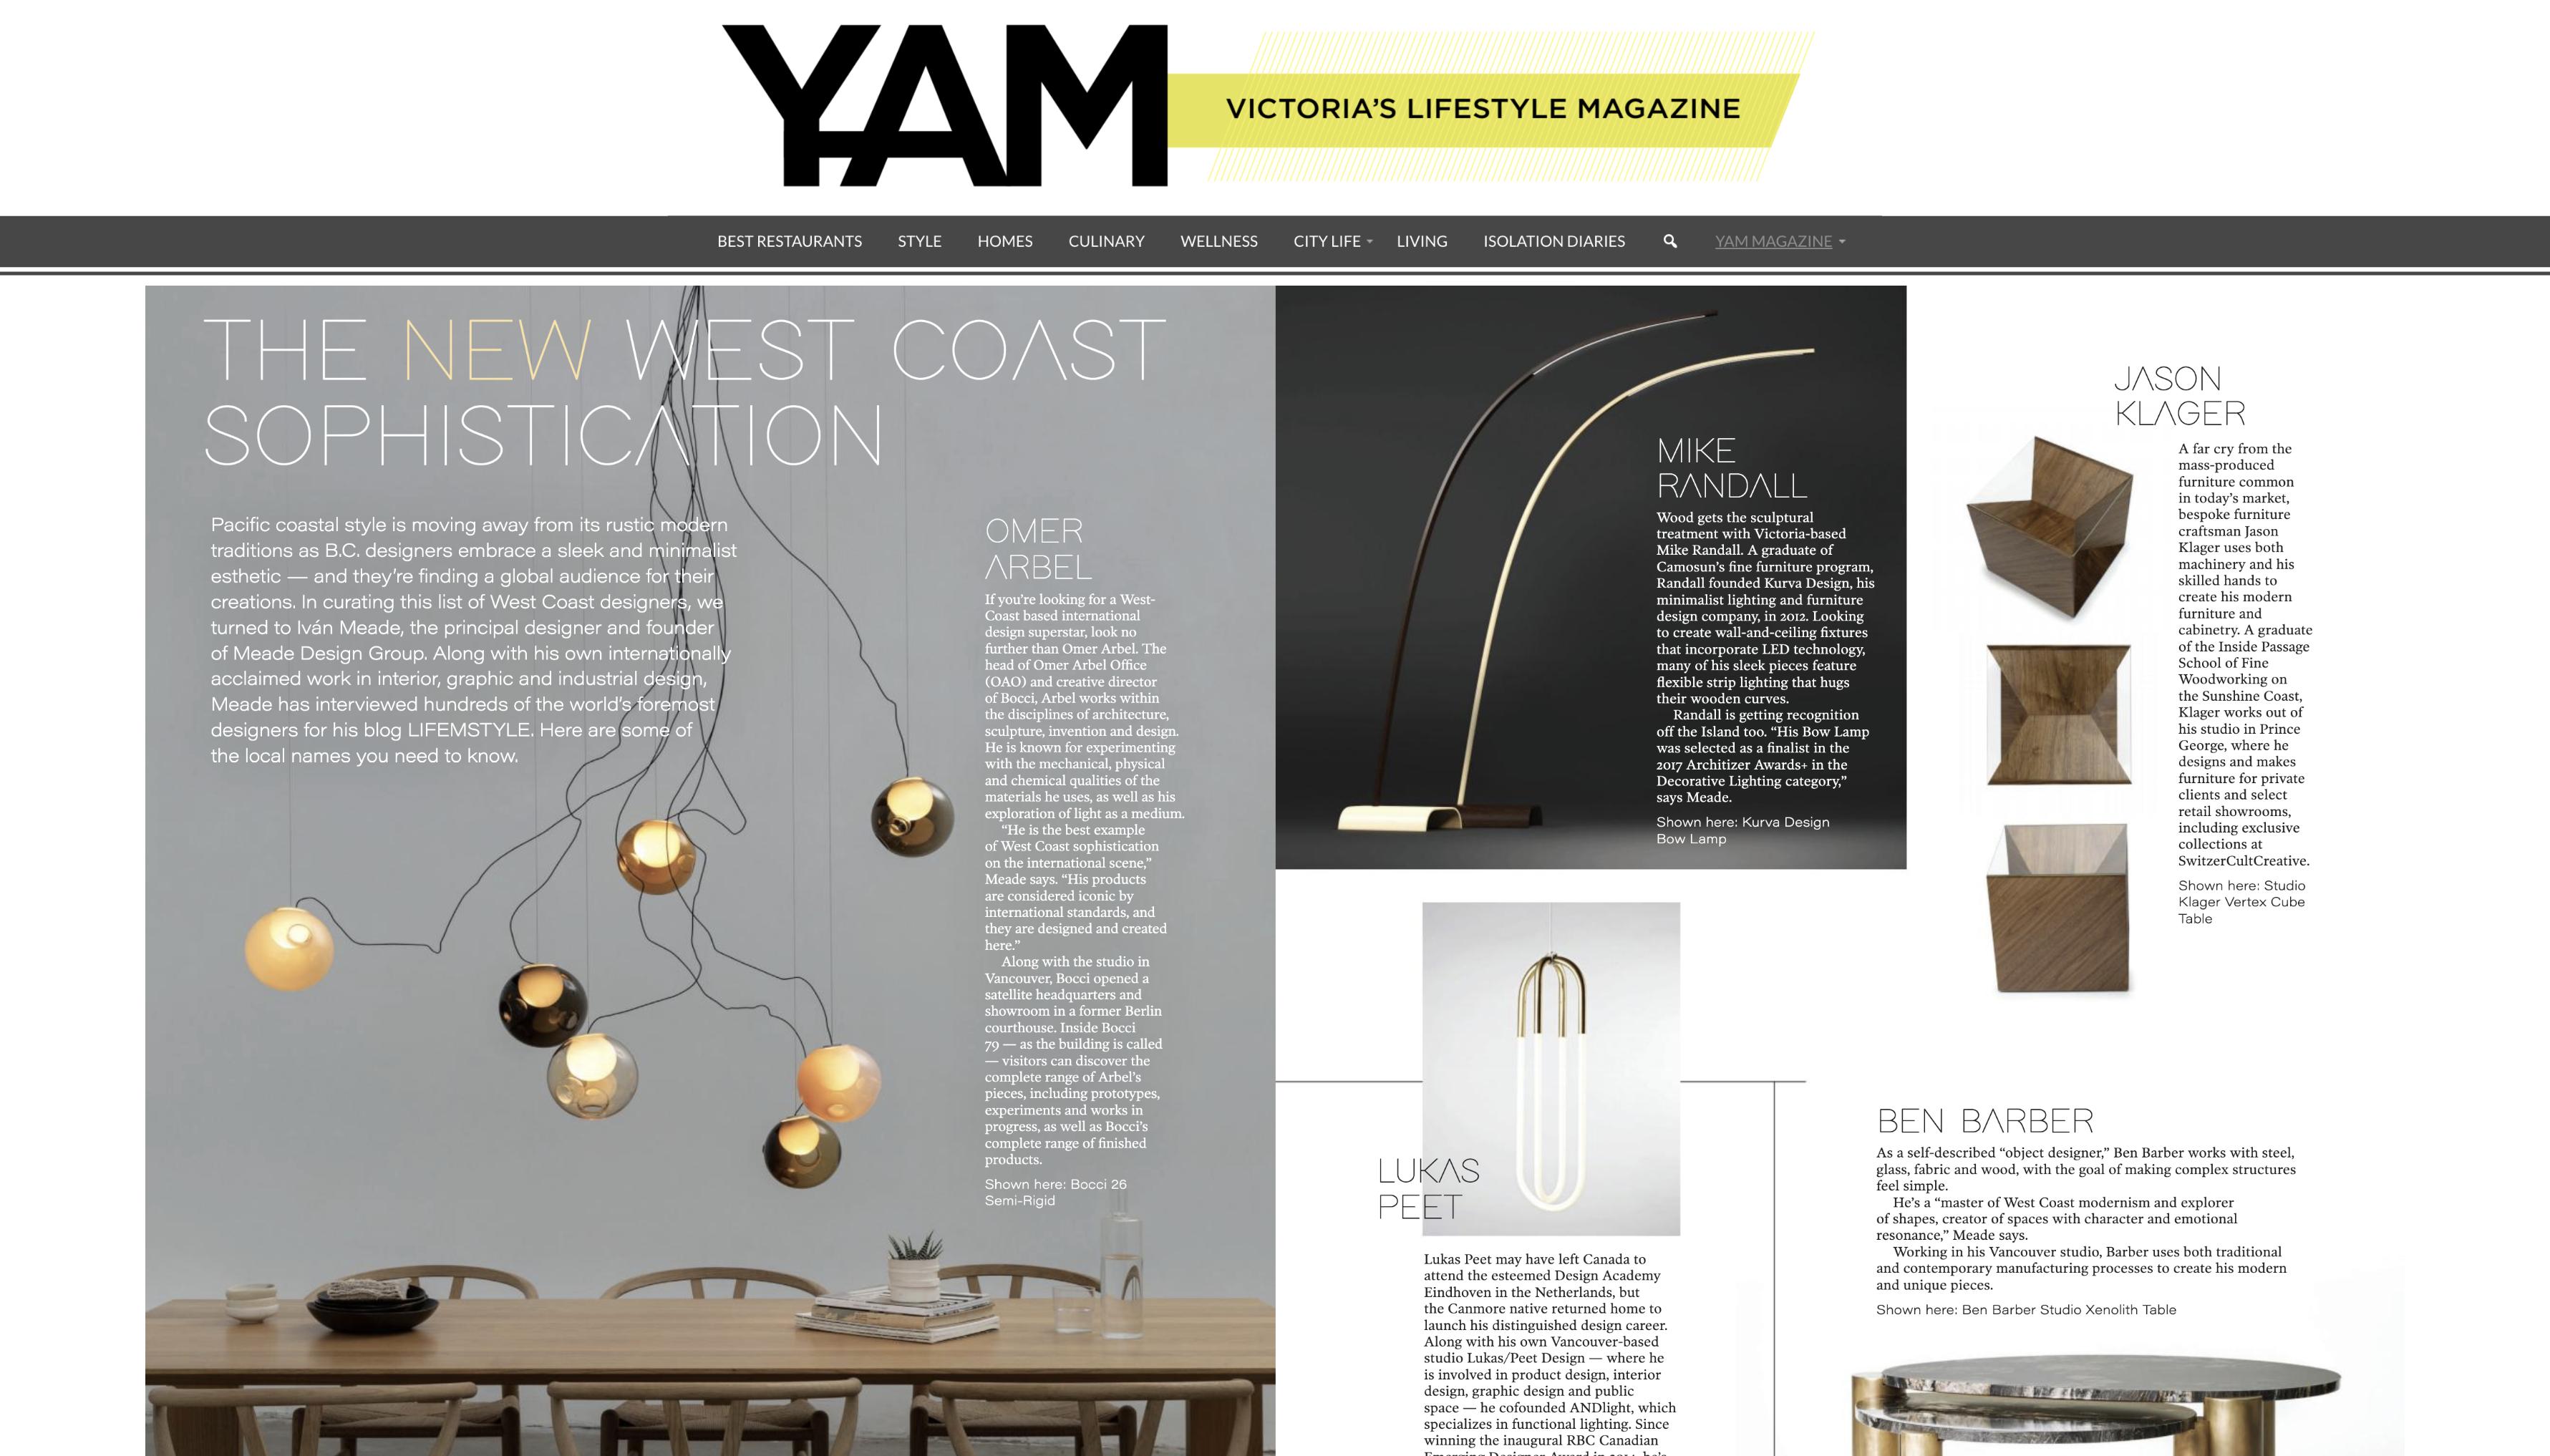 YAM Magazine, Style Issue - The New West Coast Sophistication